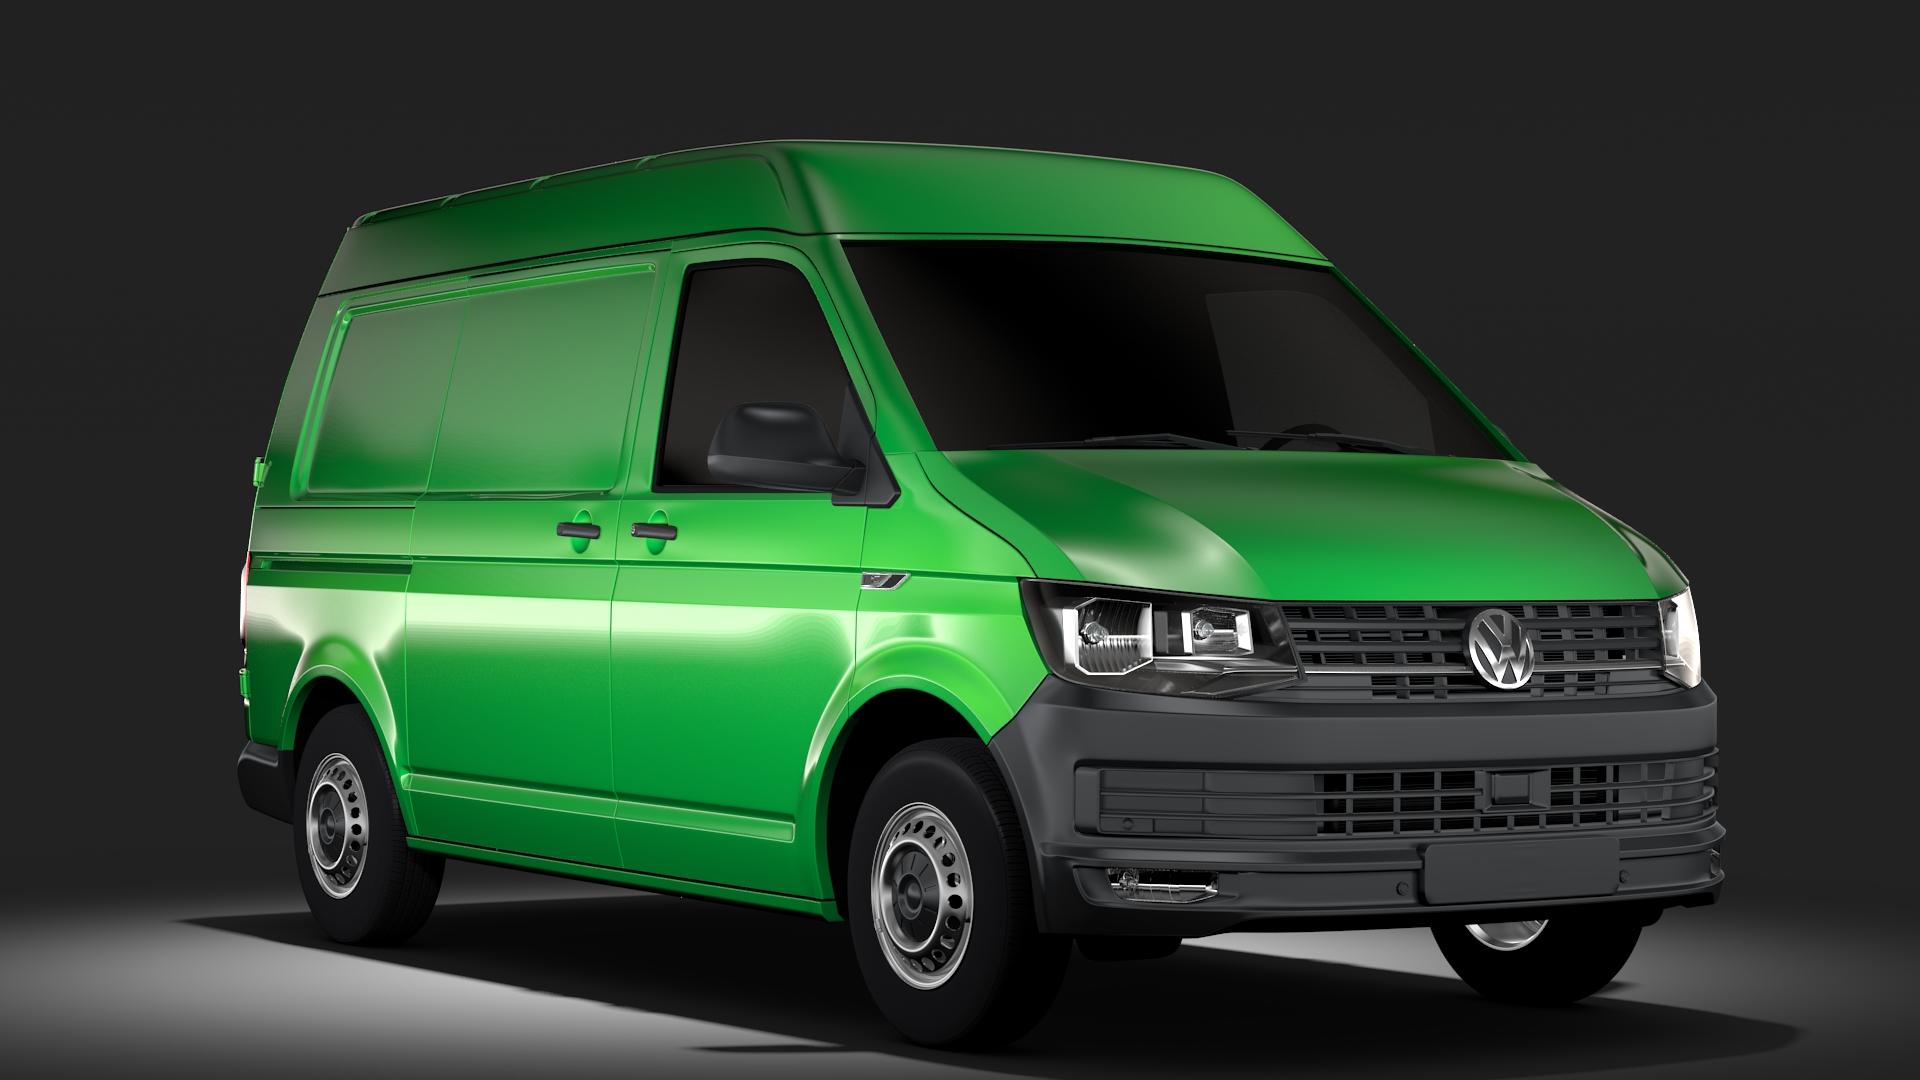 volkswagen transporter van l1h2 t6 2017 3d model max fbx c4d lwo ma mb hrc xsi obj 275148